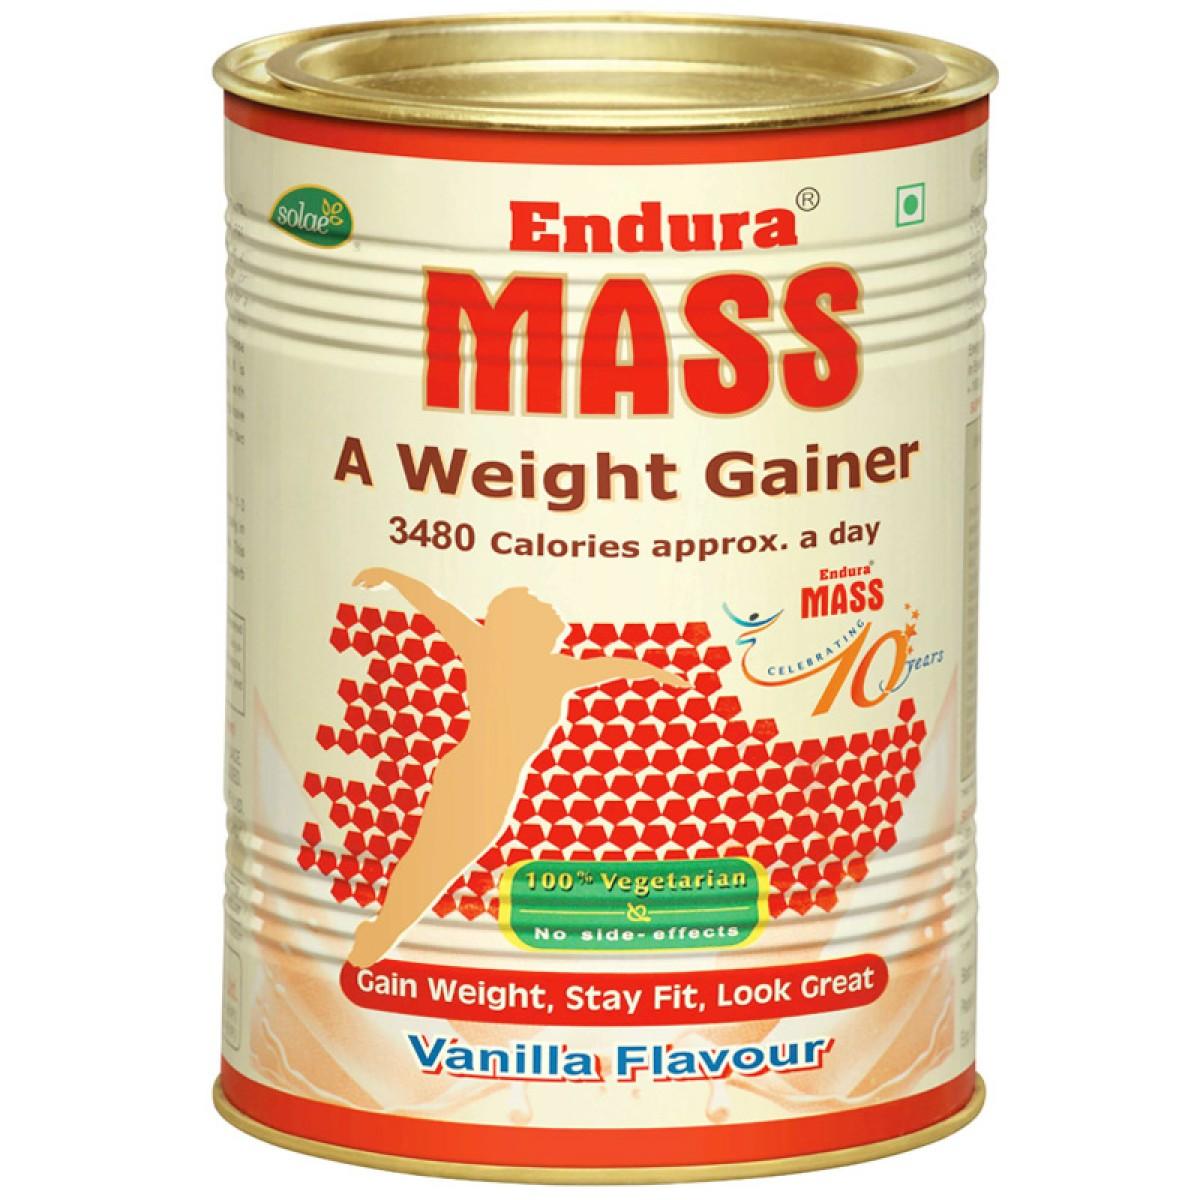 endura mass flavour